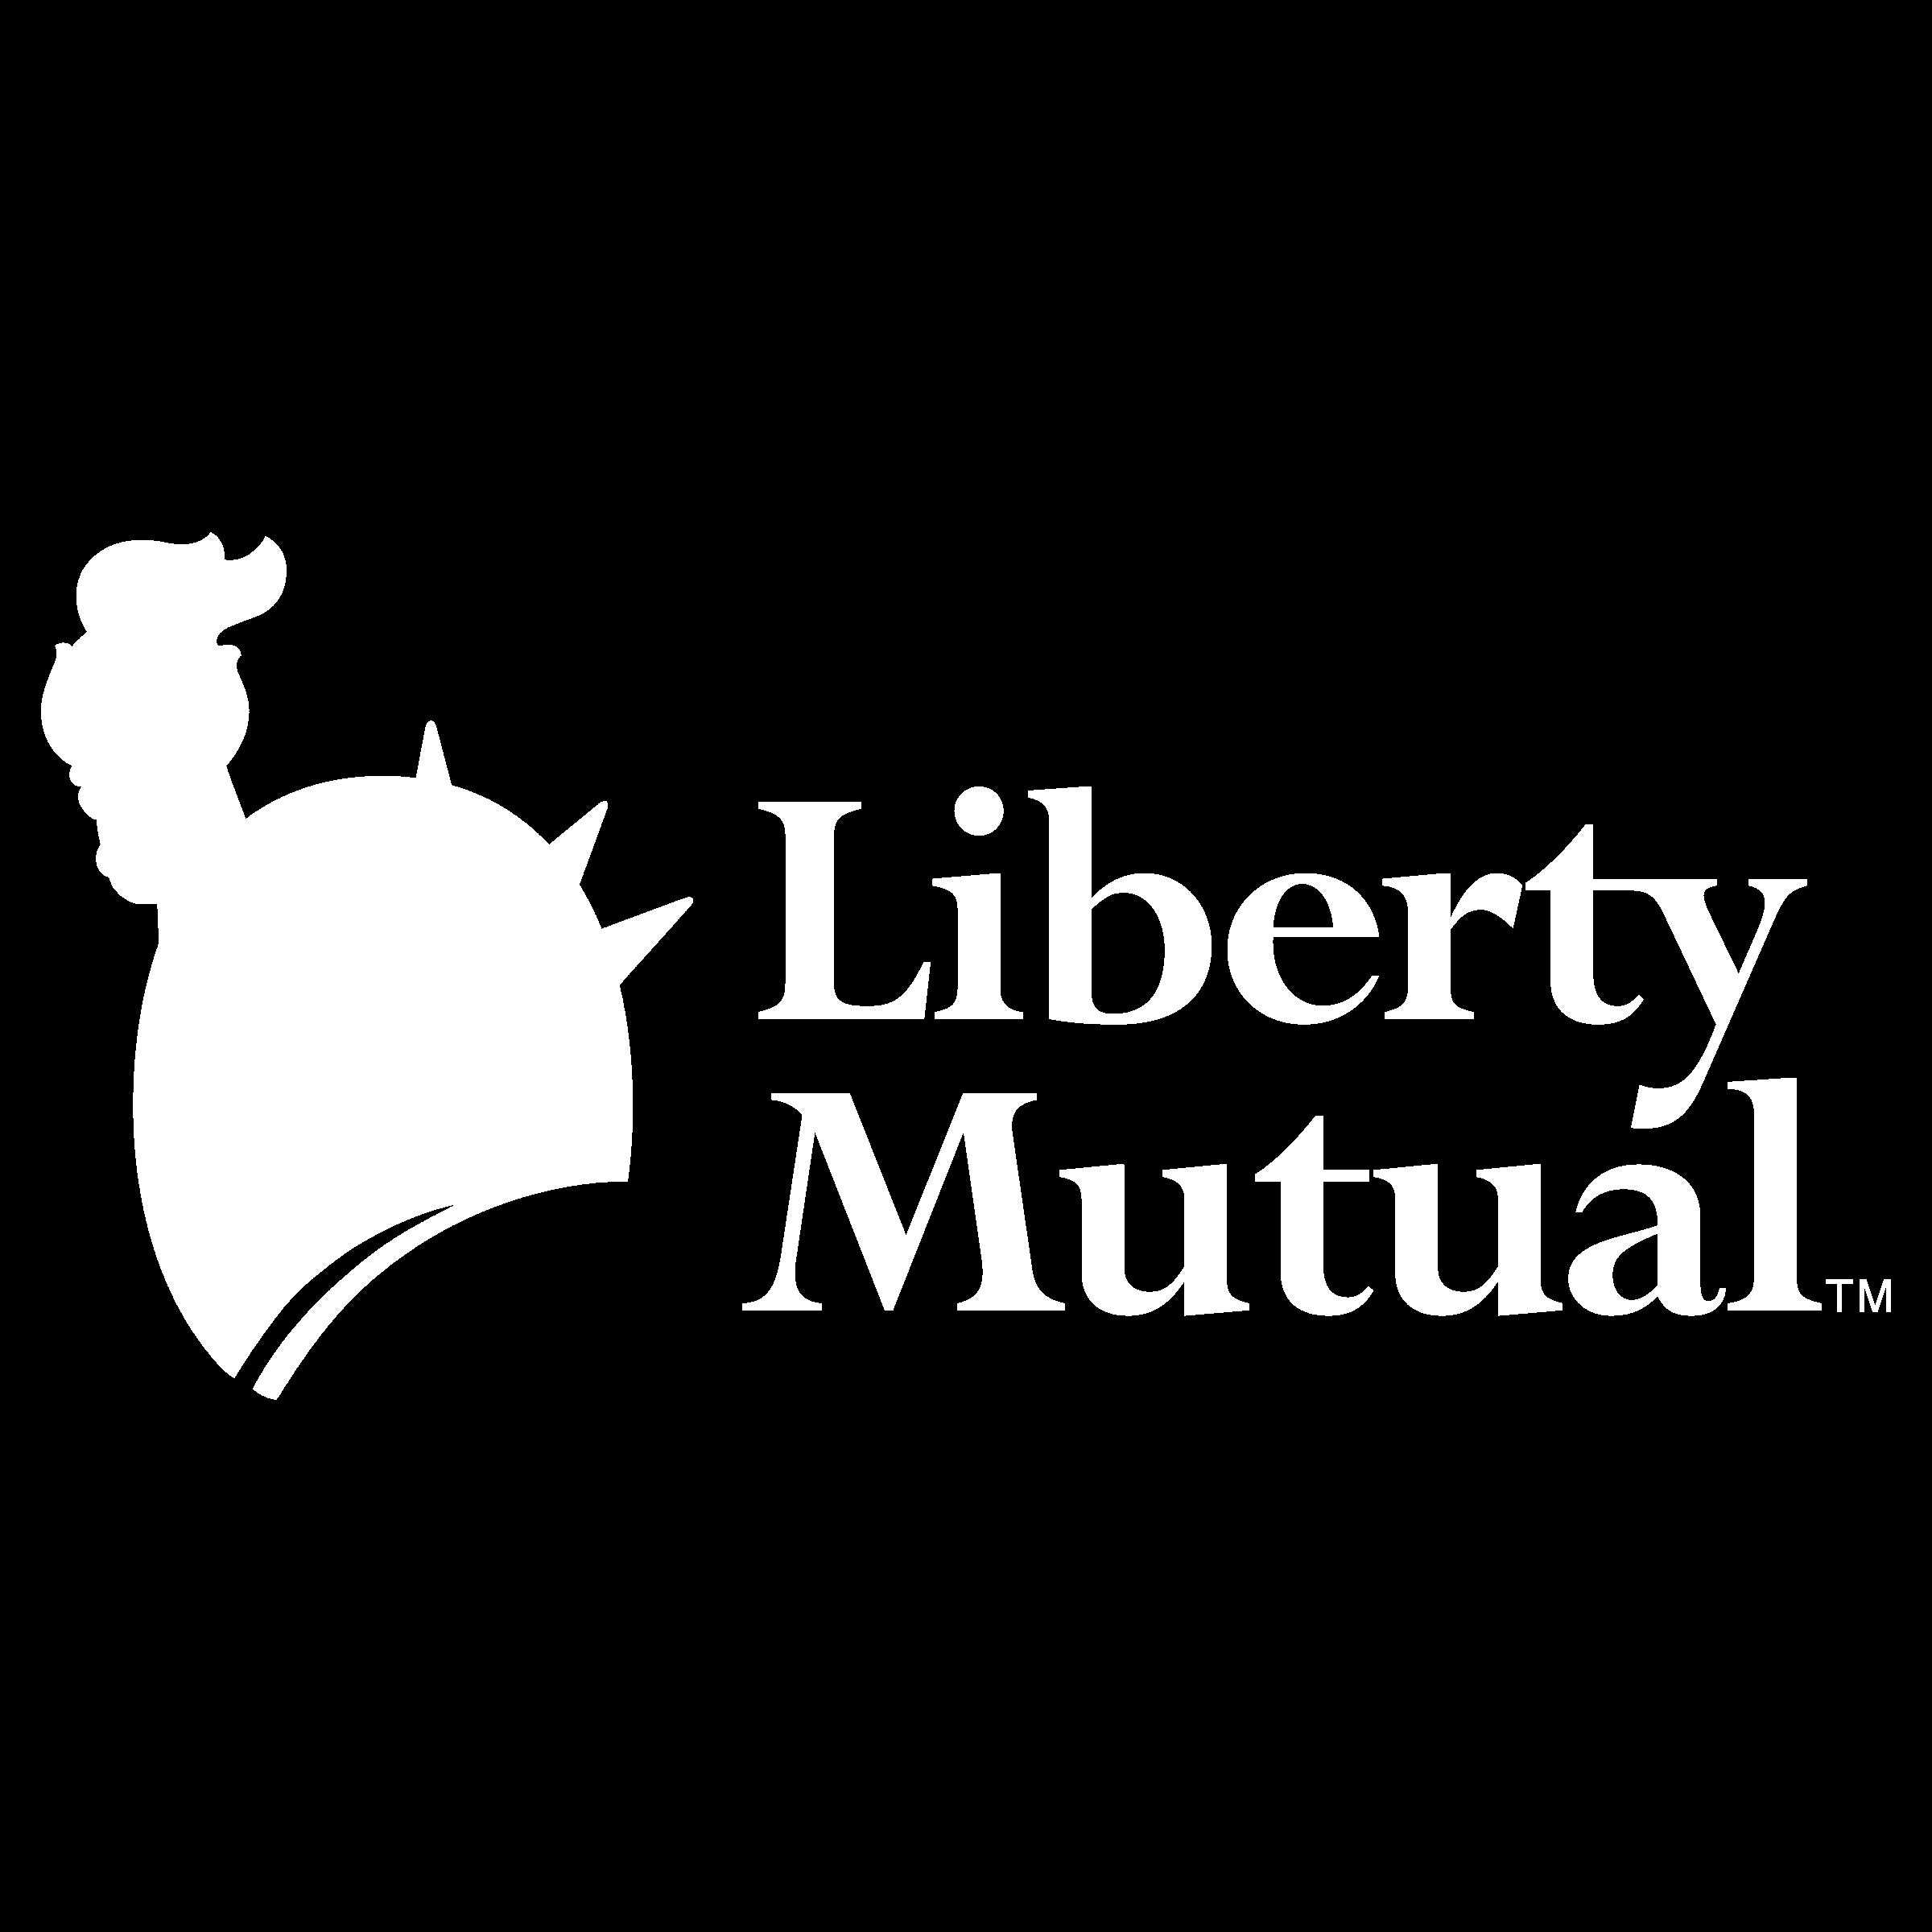 Liberty Mutual Logo PNG Transparent & SVG Vector